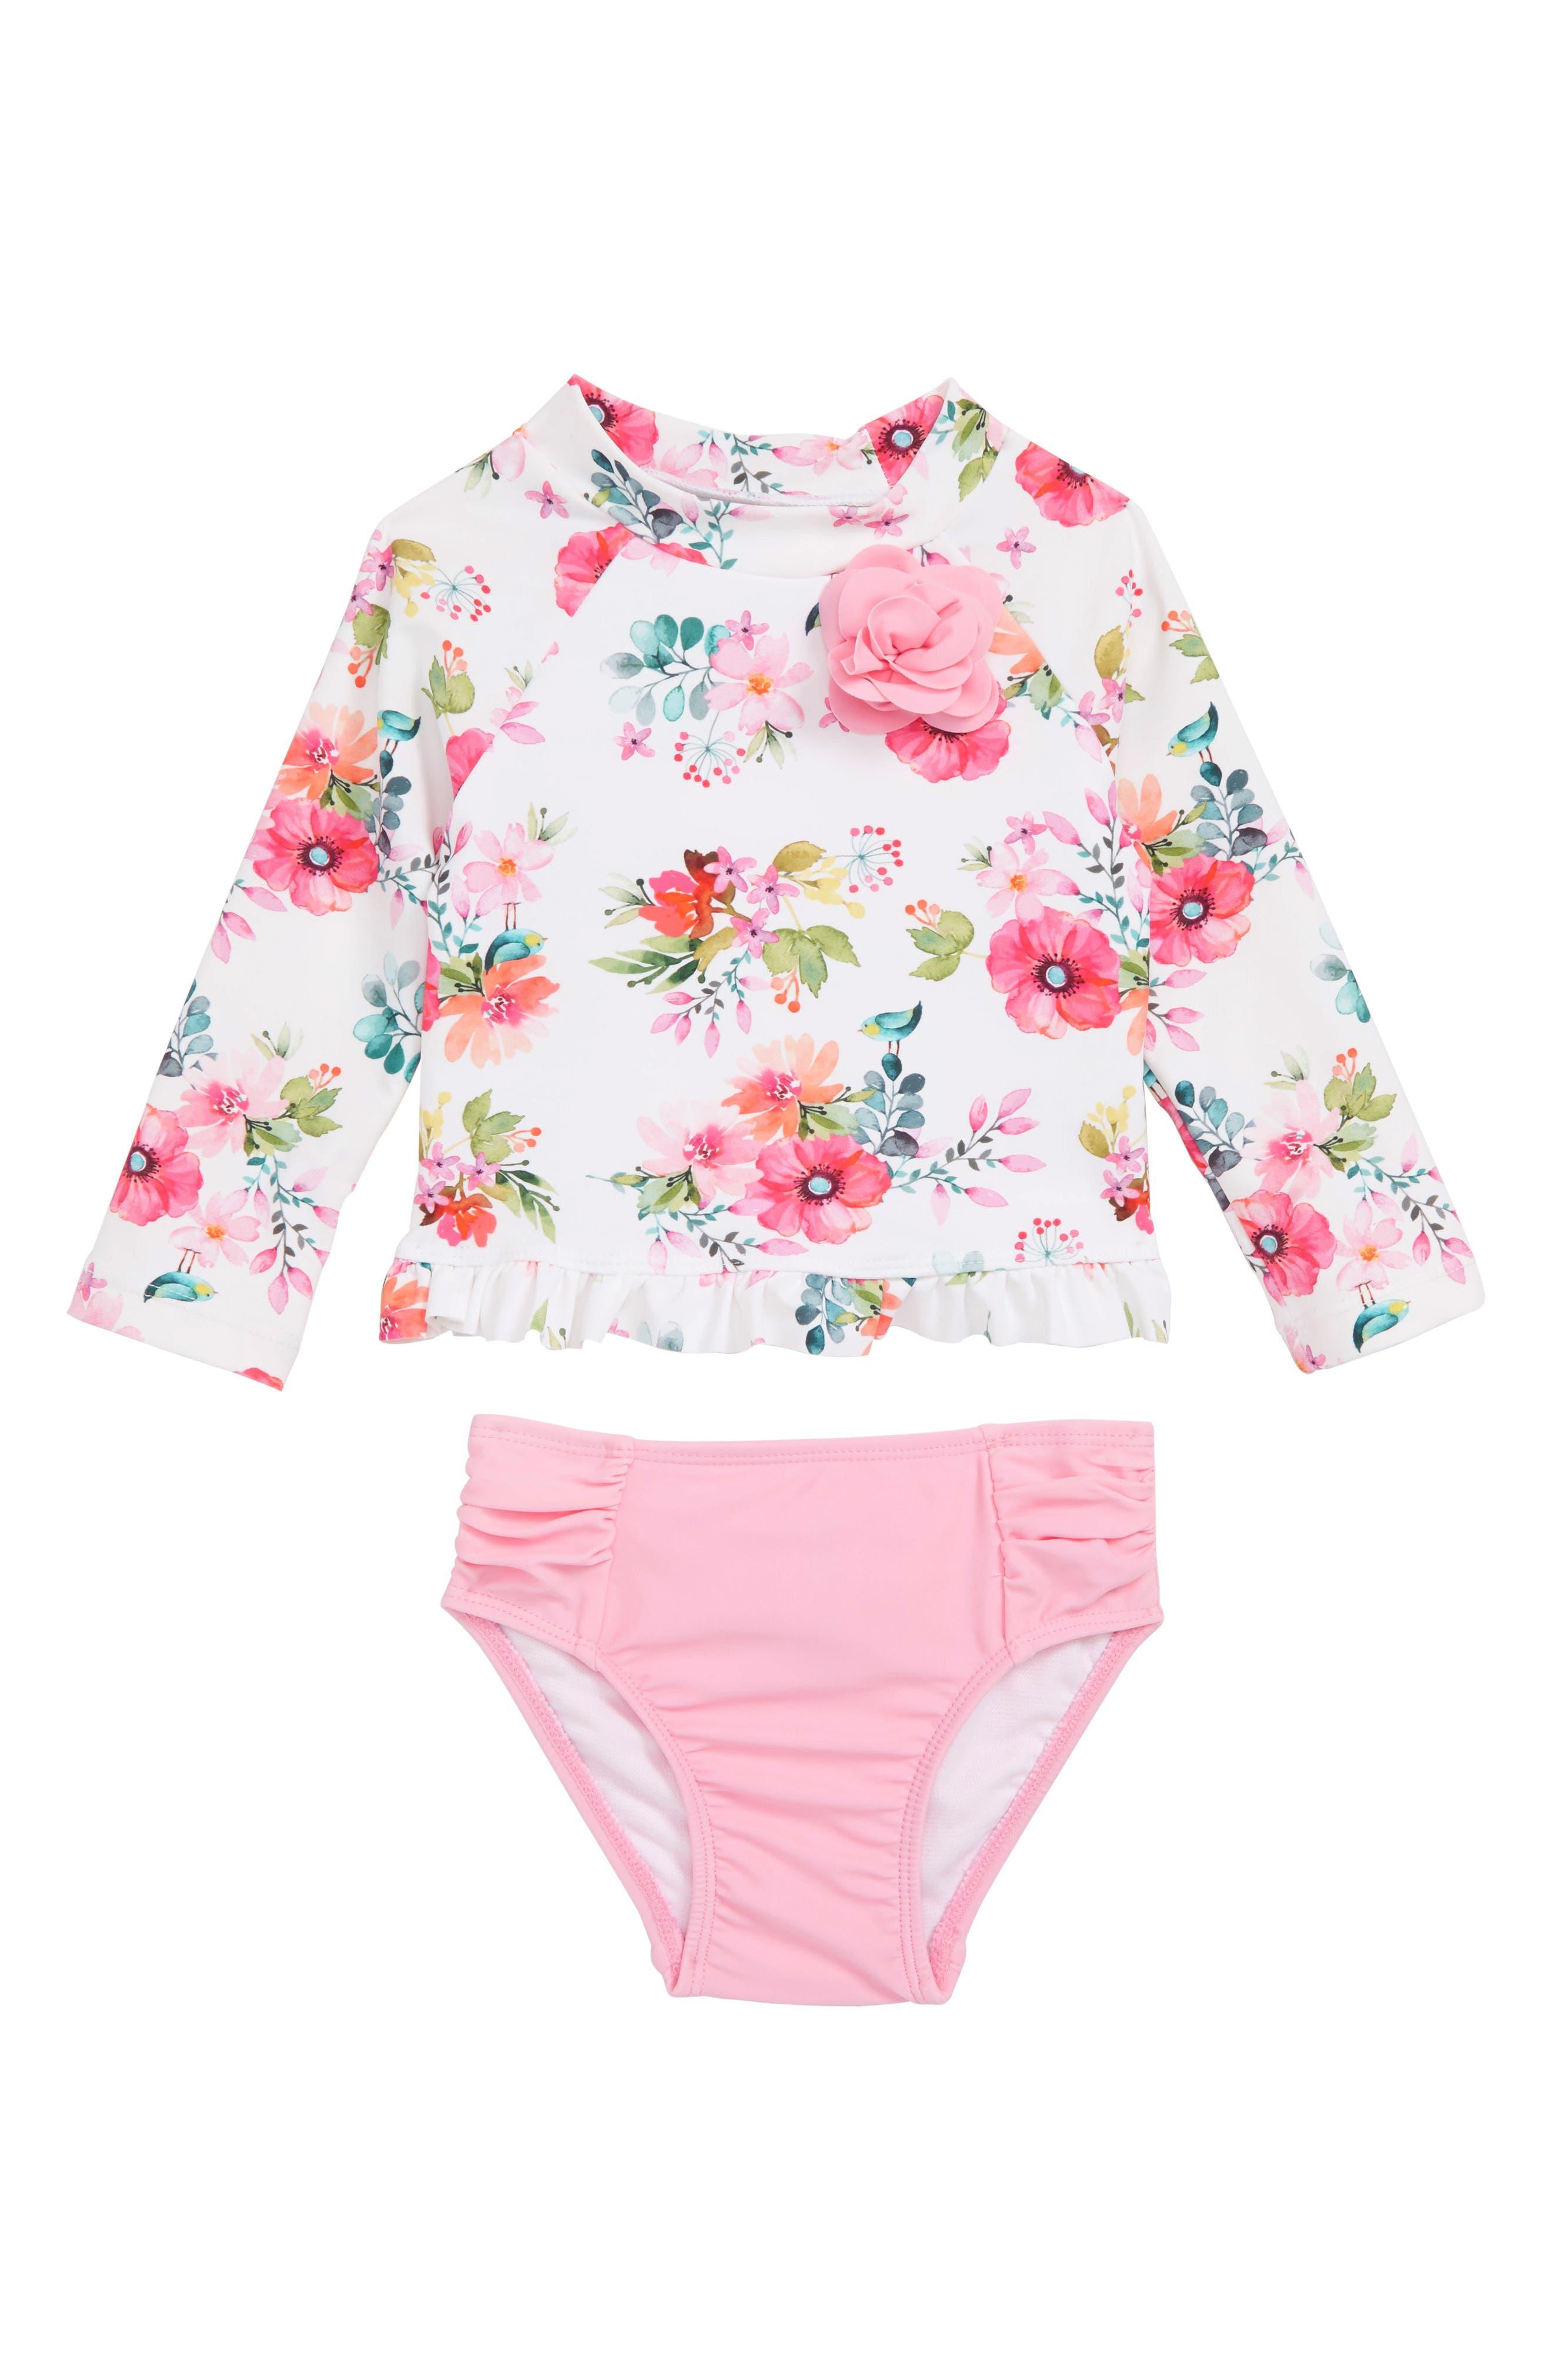 LITTLE ME, Watercolor Floral Two-Piece Rashguard Swimsuit, Main thumbnail 1, color, FLORAL